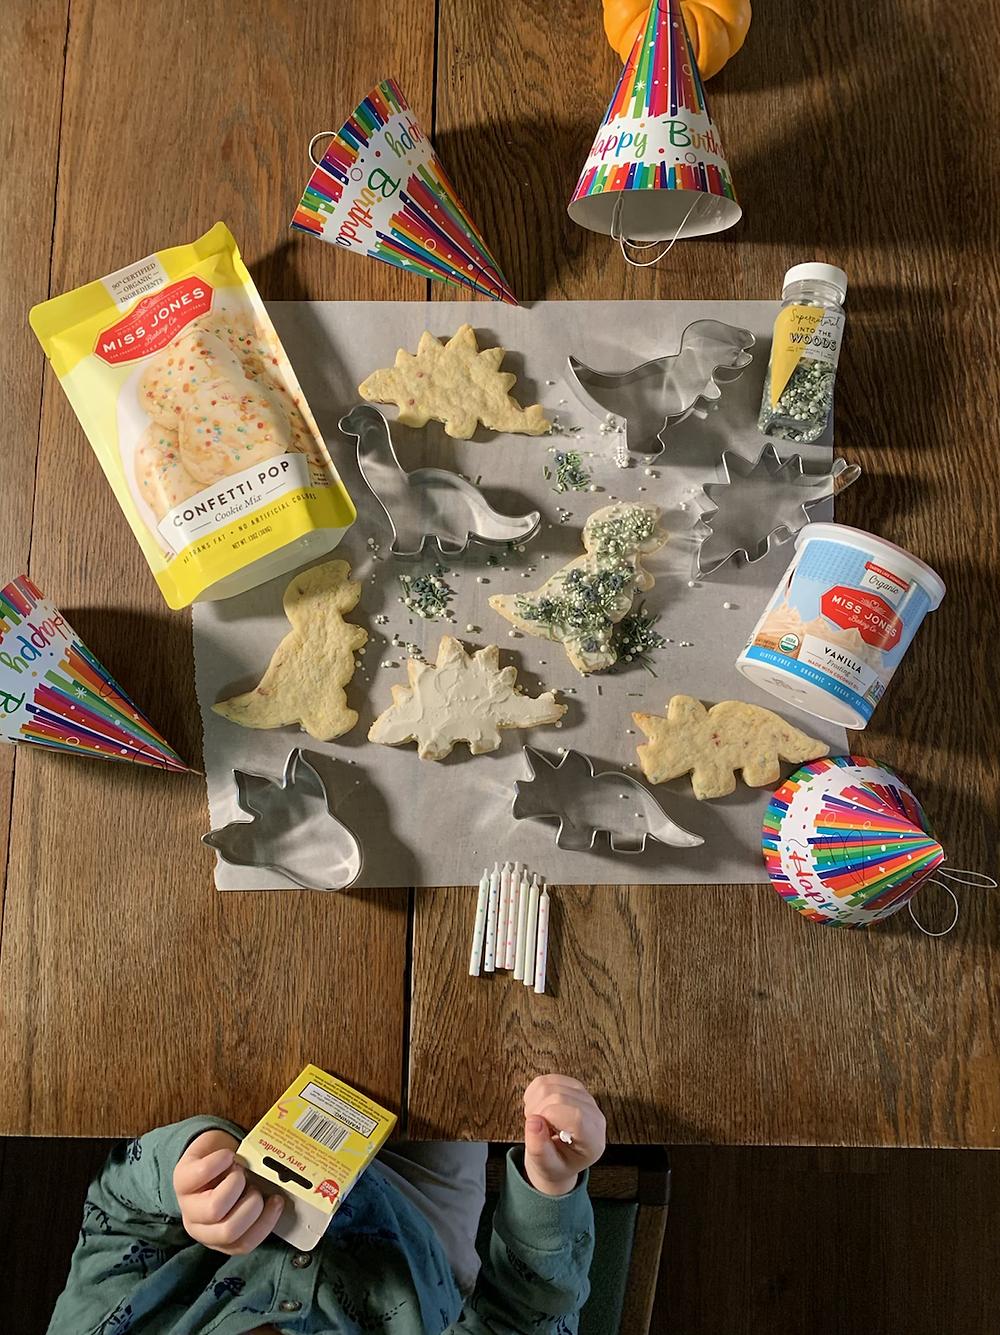 cookies, sugar cookie, miss jones, ann clark, cookie cutters, sprinkles, toddler, birthday, dinosaurs, miss jones, ann clark, icing, birthdays, dinosaur, toddlers